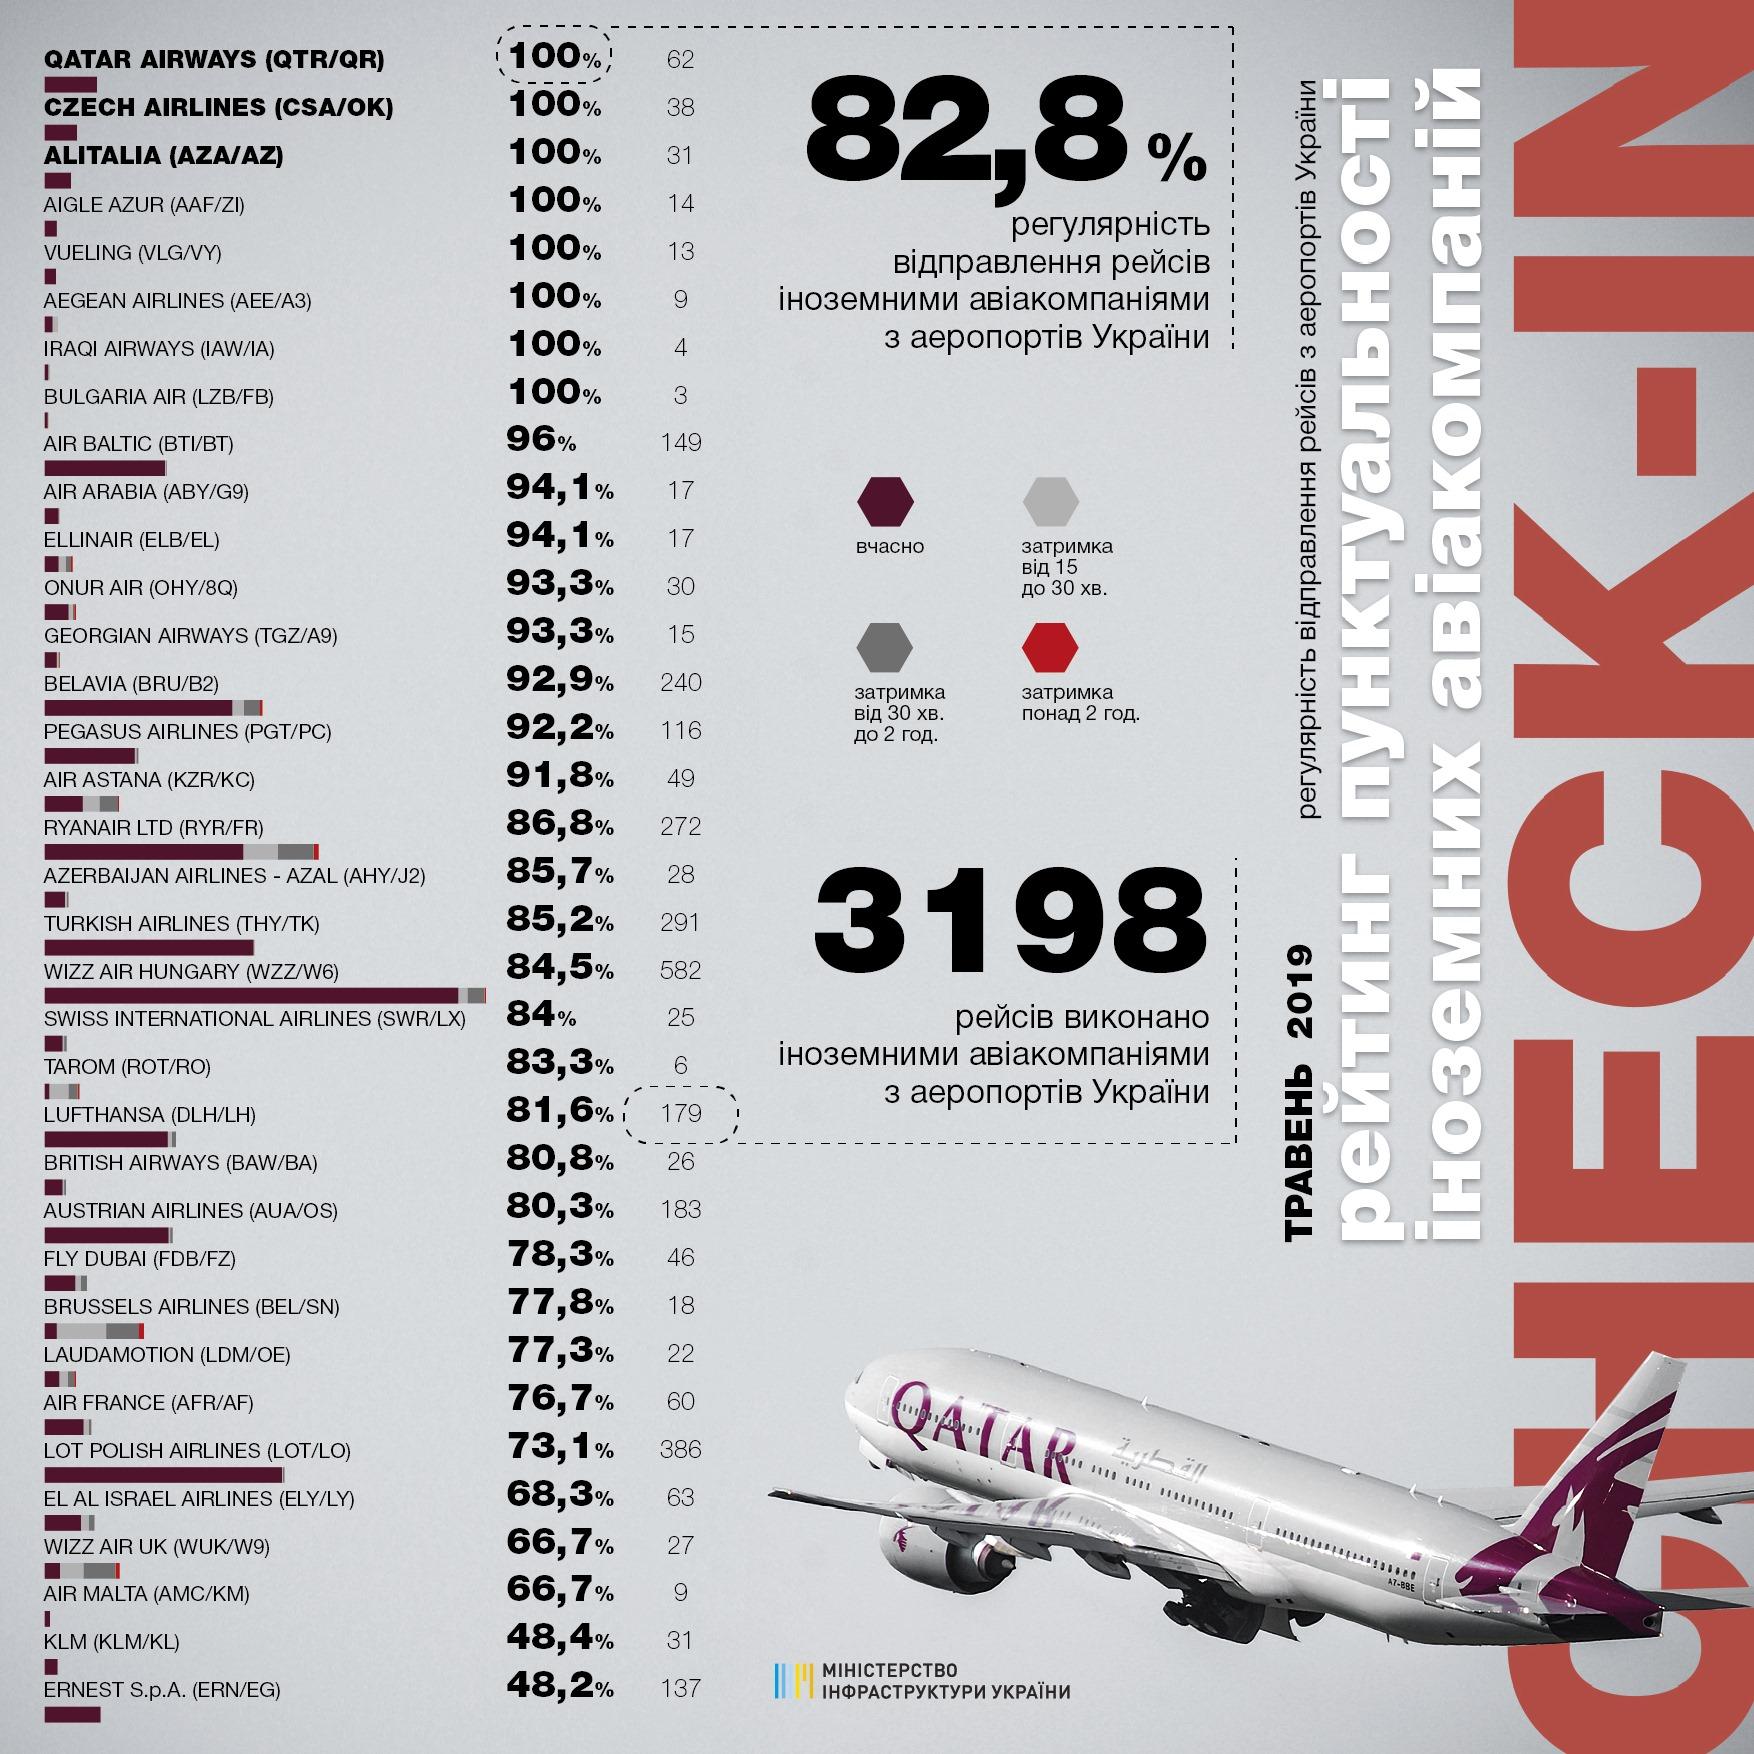 Статистика пунктуальности вылетов иностранных авиакомпаний из аэропортов Украины в мае 2019 года